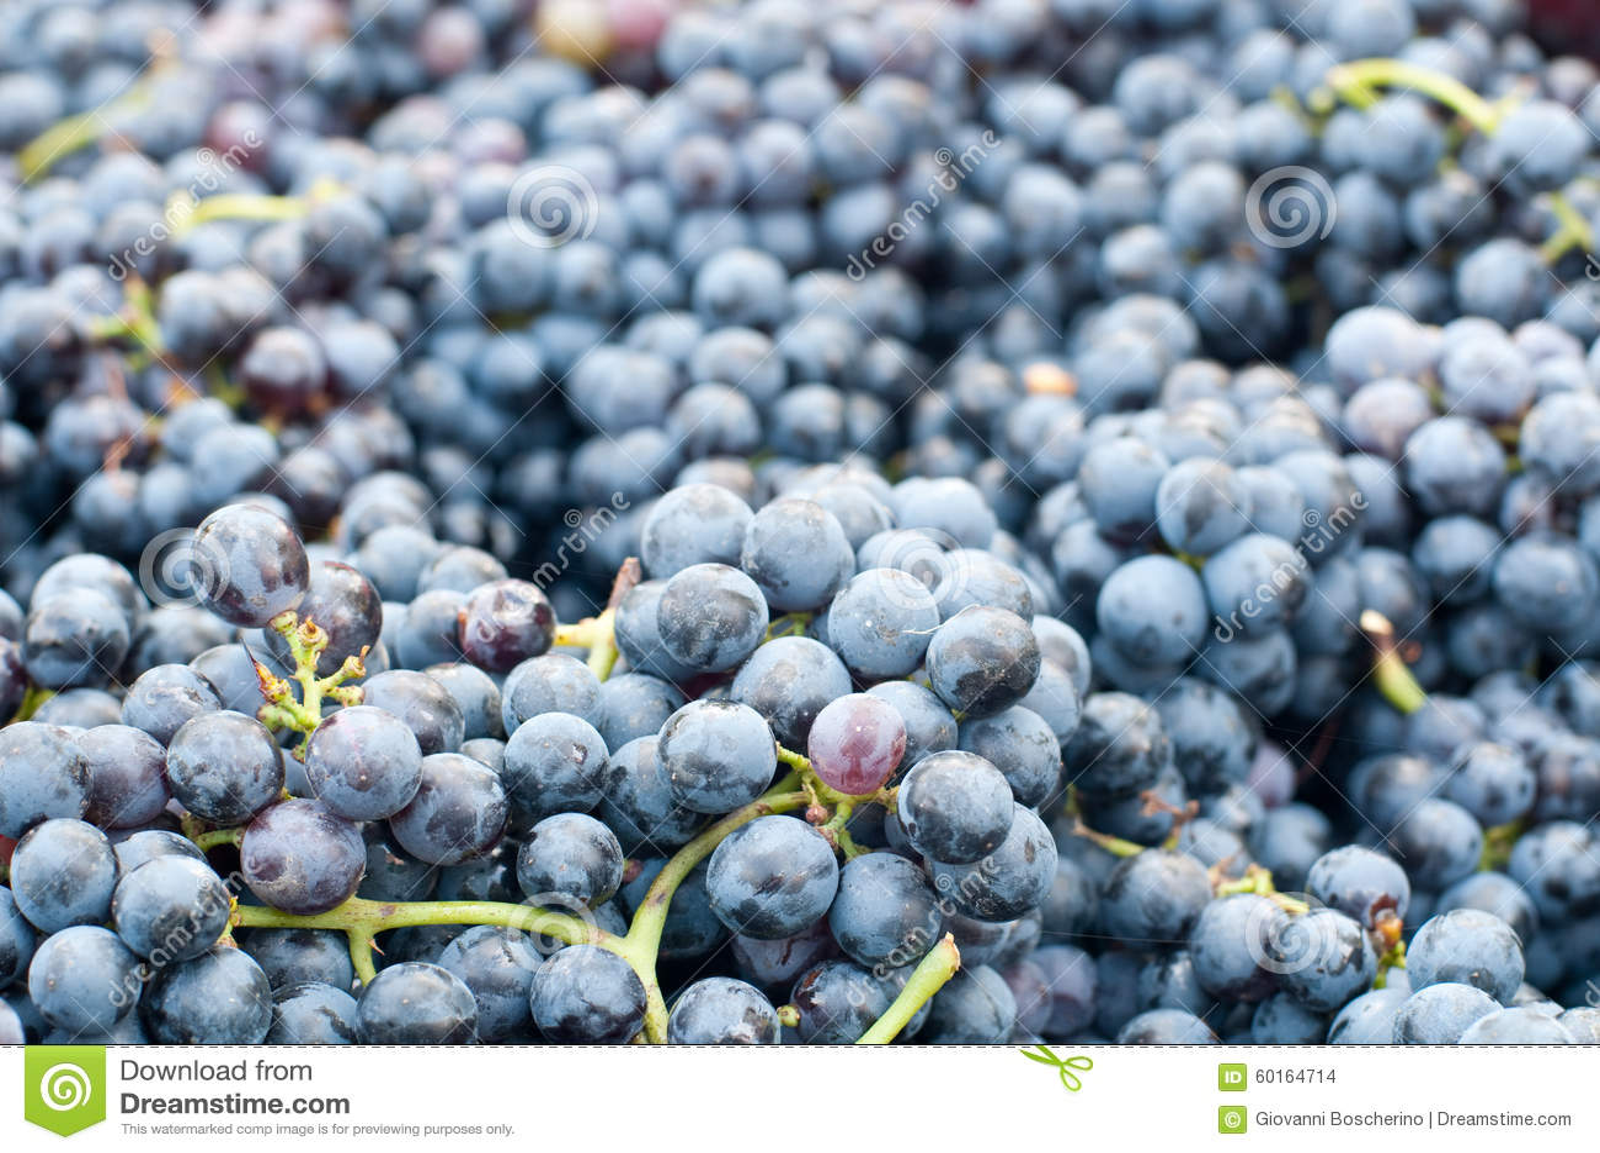 Bossen van druiven Lambrusco, een typische Italiaanse druif